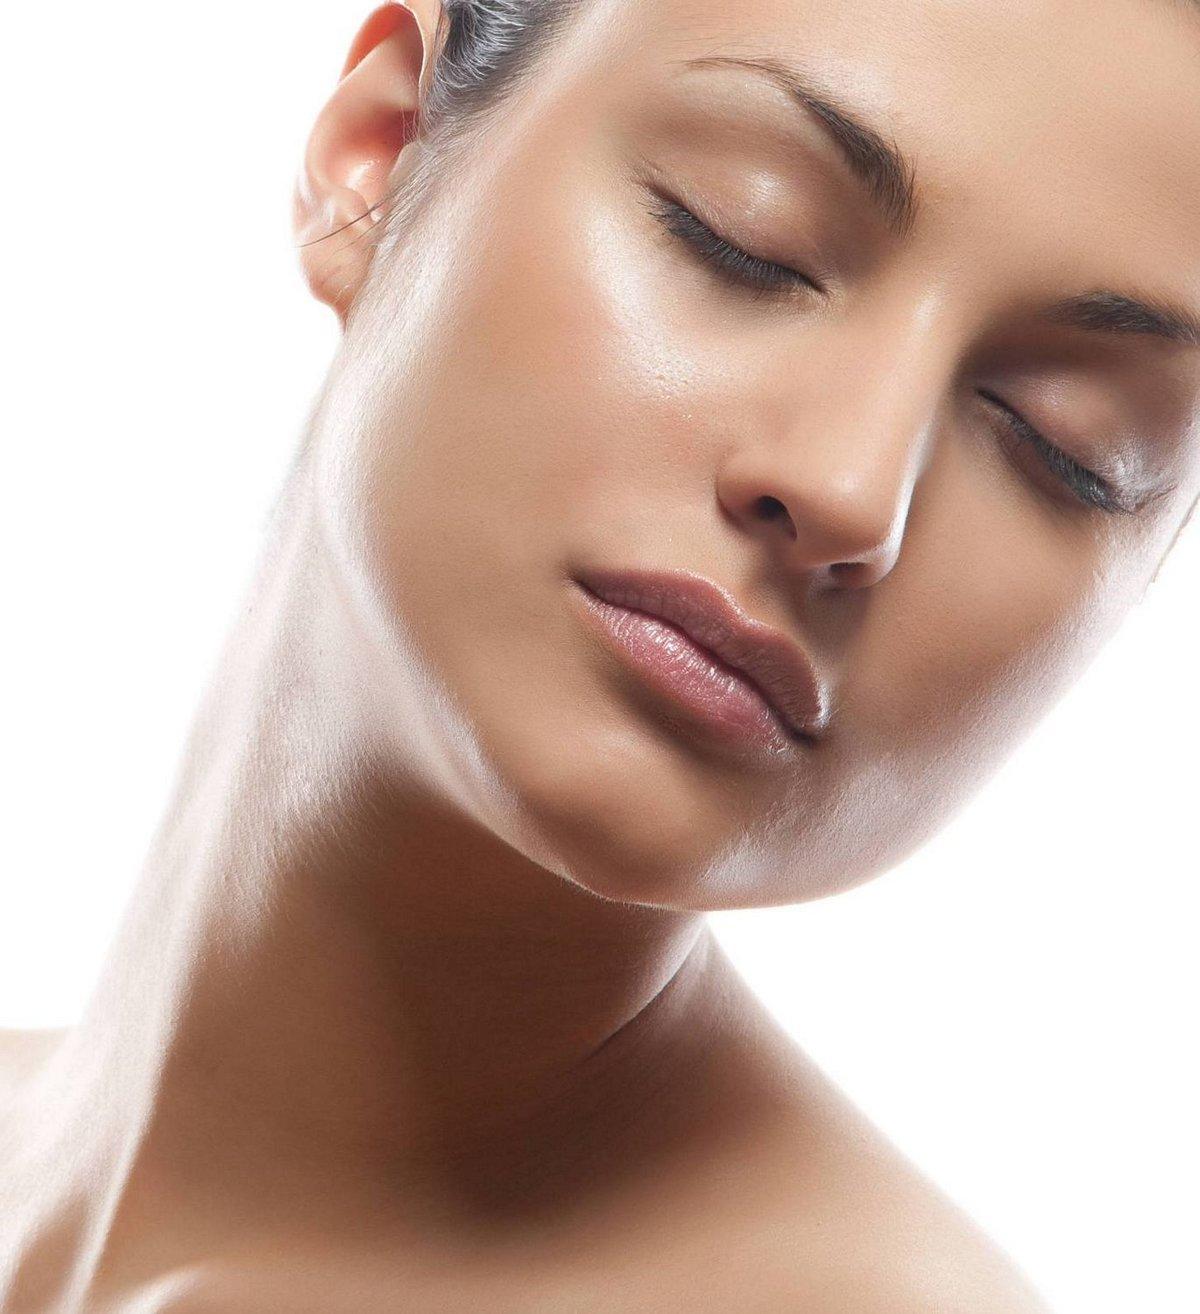 Нужна ли лицензия для процедуры красоты «Шугаринг лица»